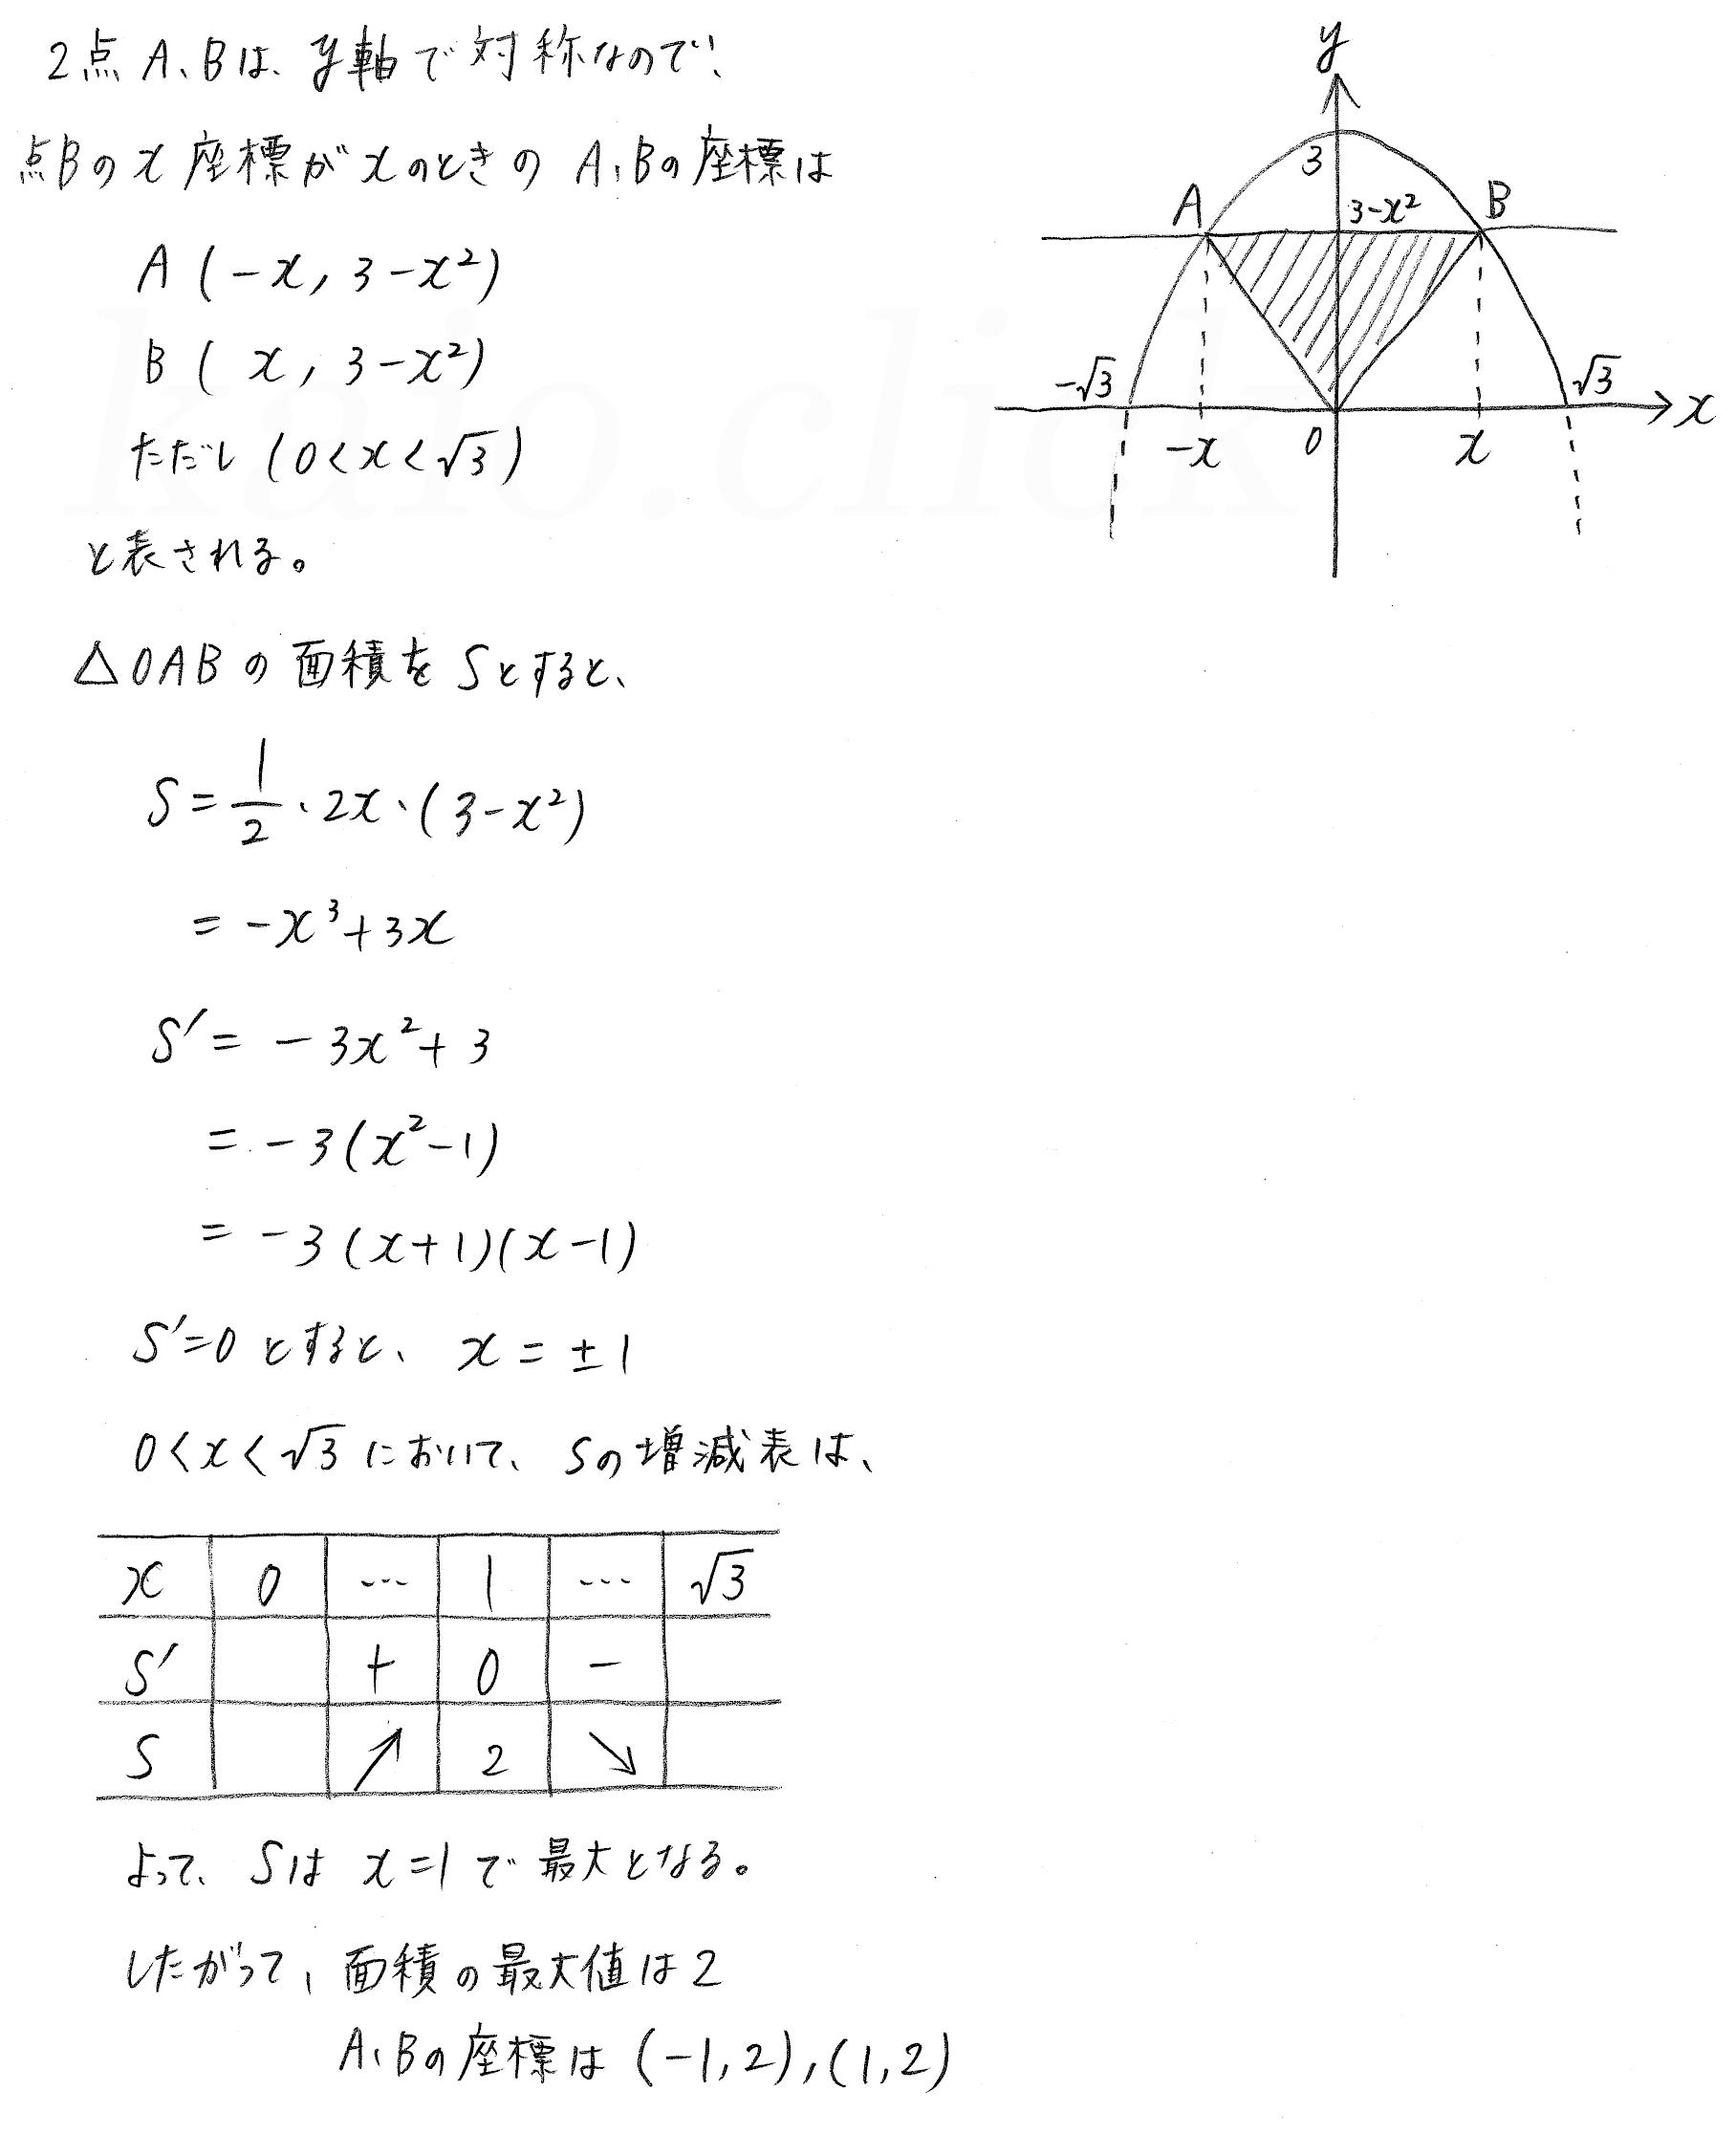 クリアー数学2-432解答